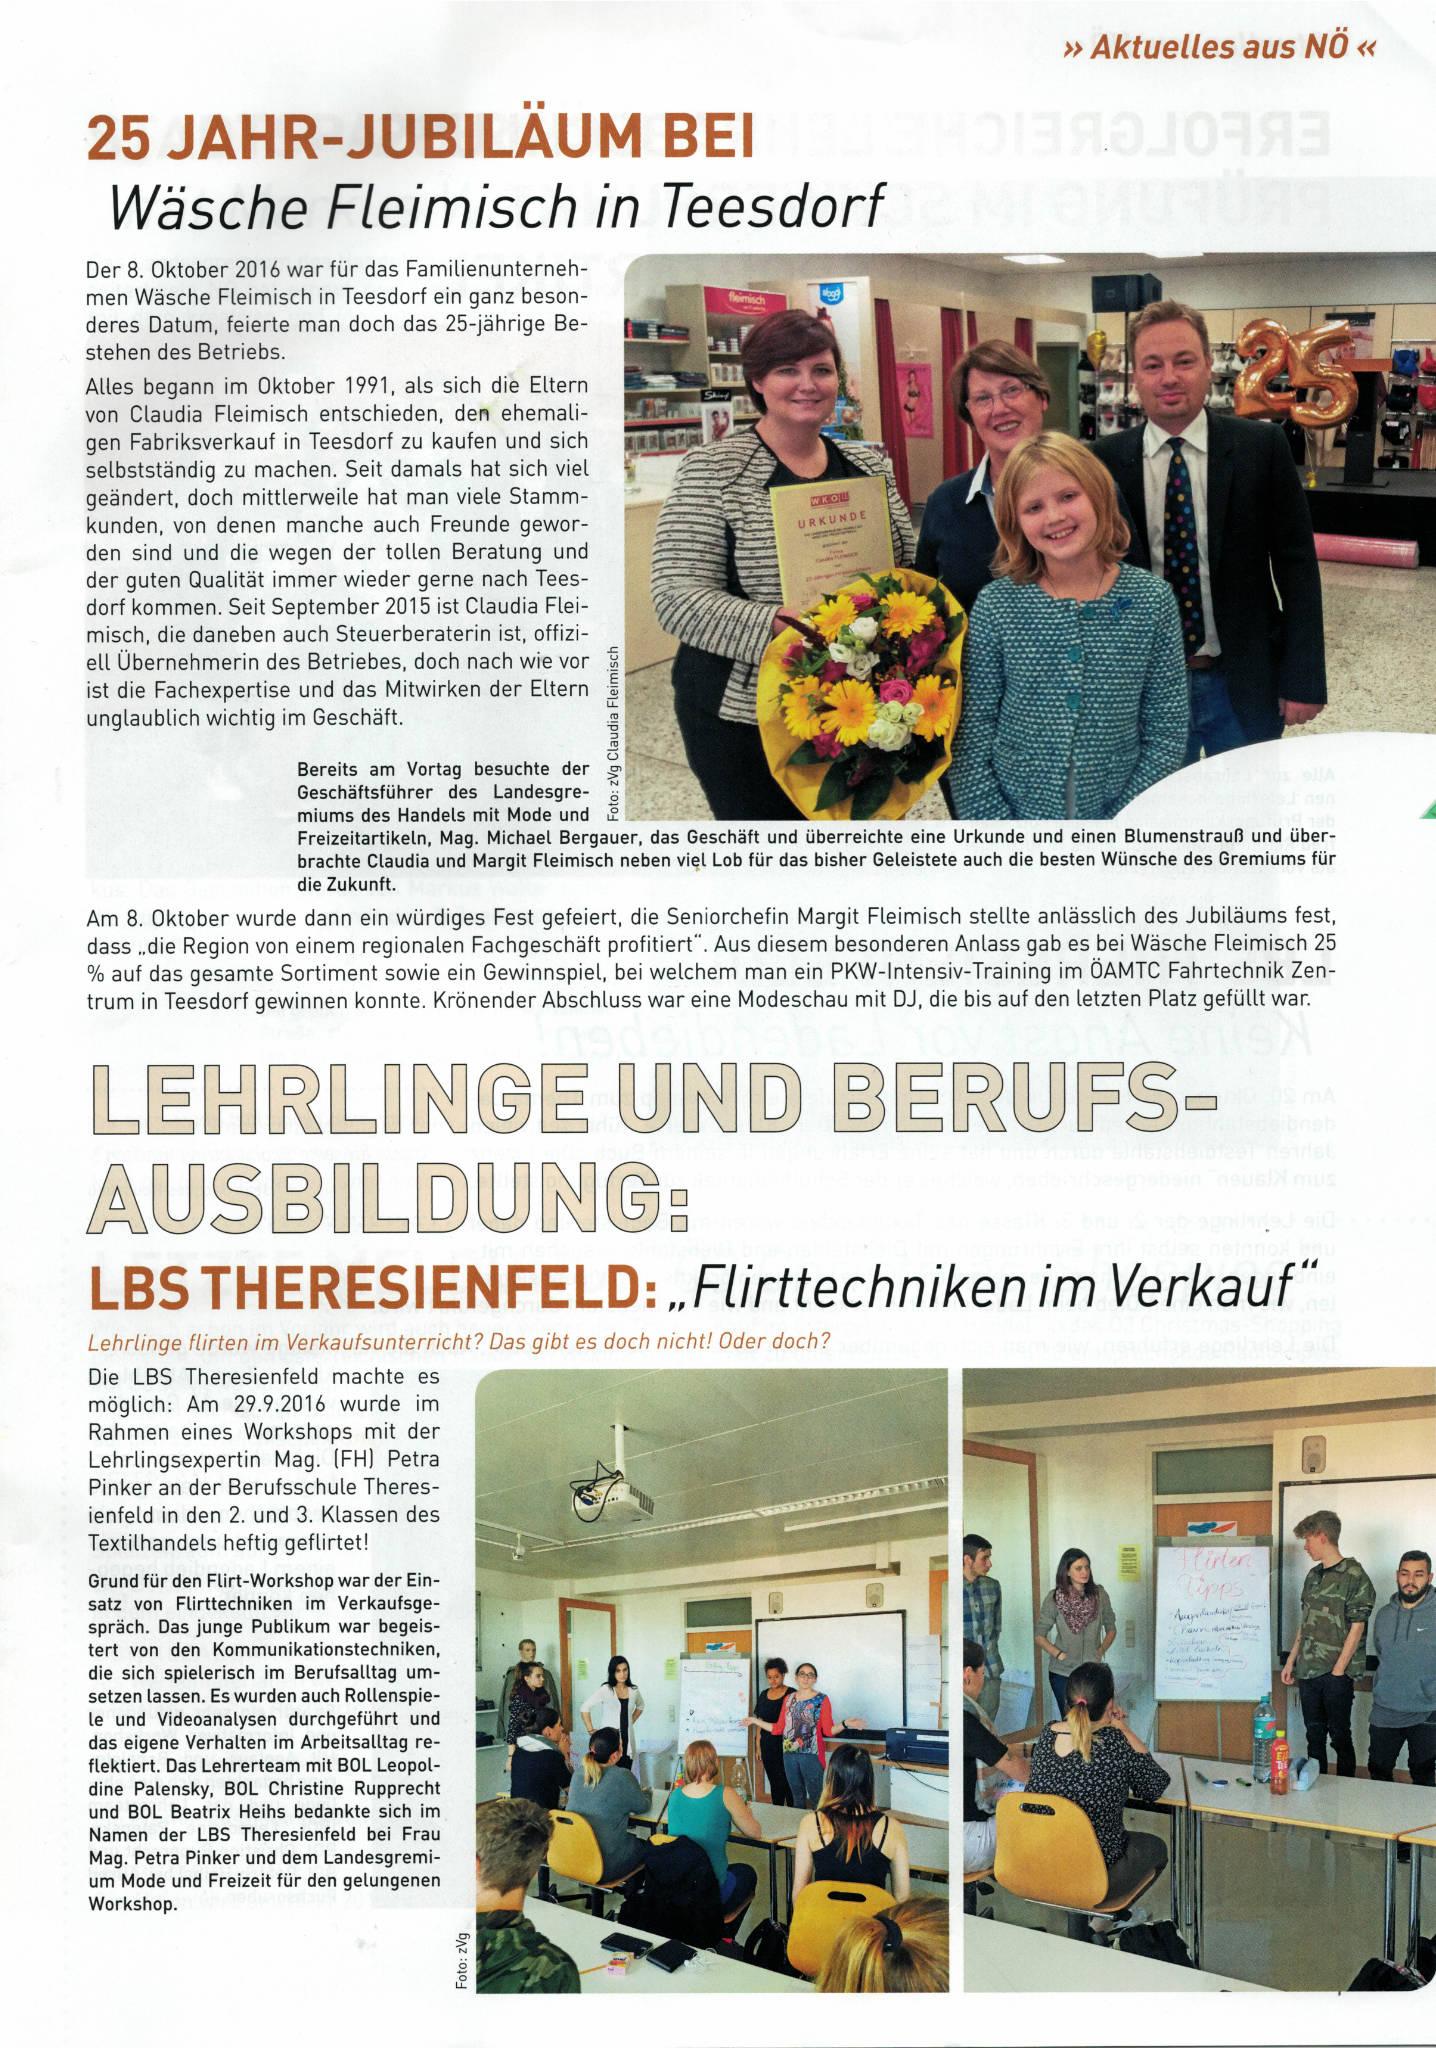 25 J Jubiläum - WK NÖ Zeitung, Sparte Handel - Wäsche Fleimisch